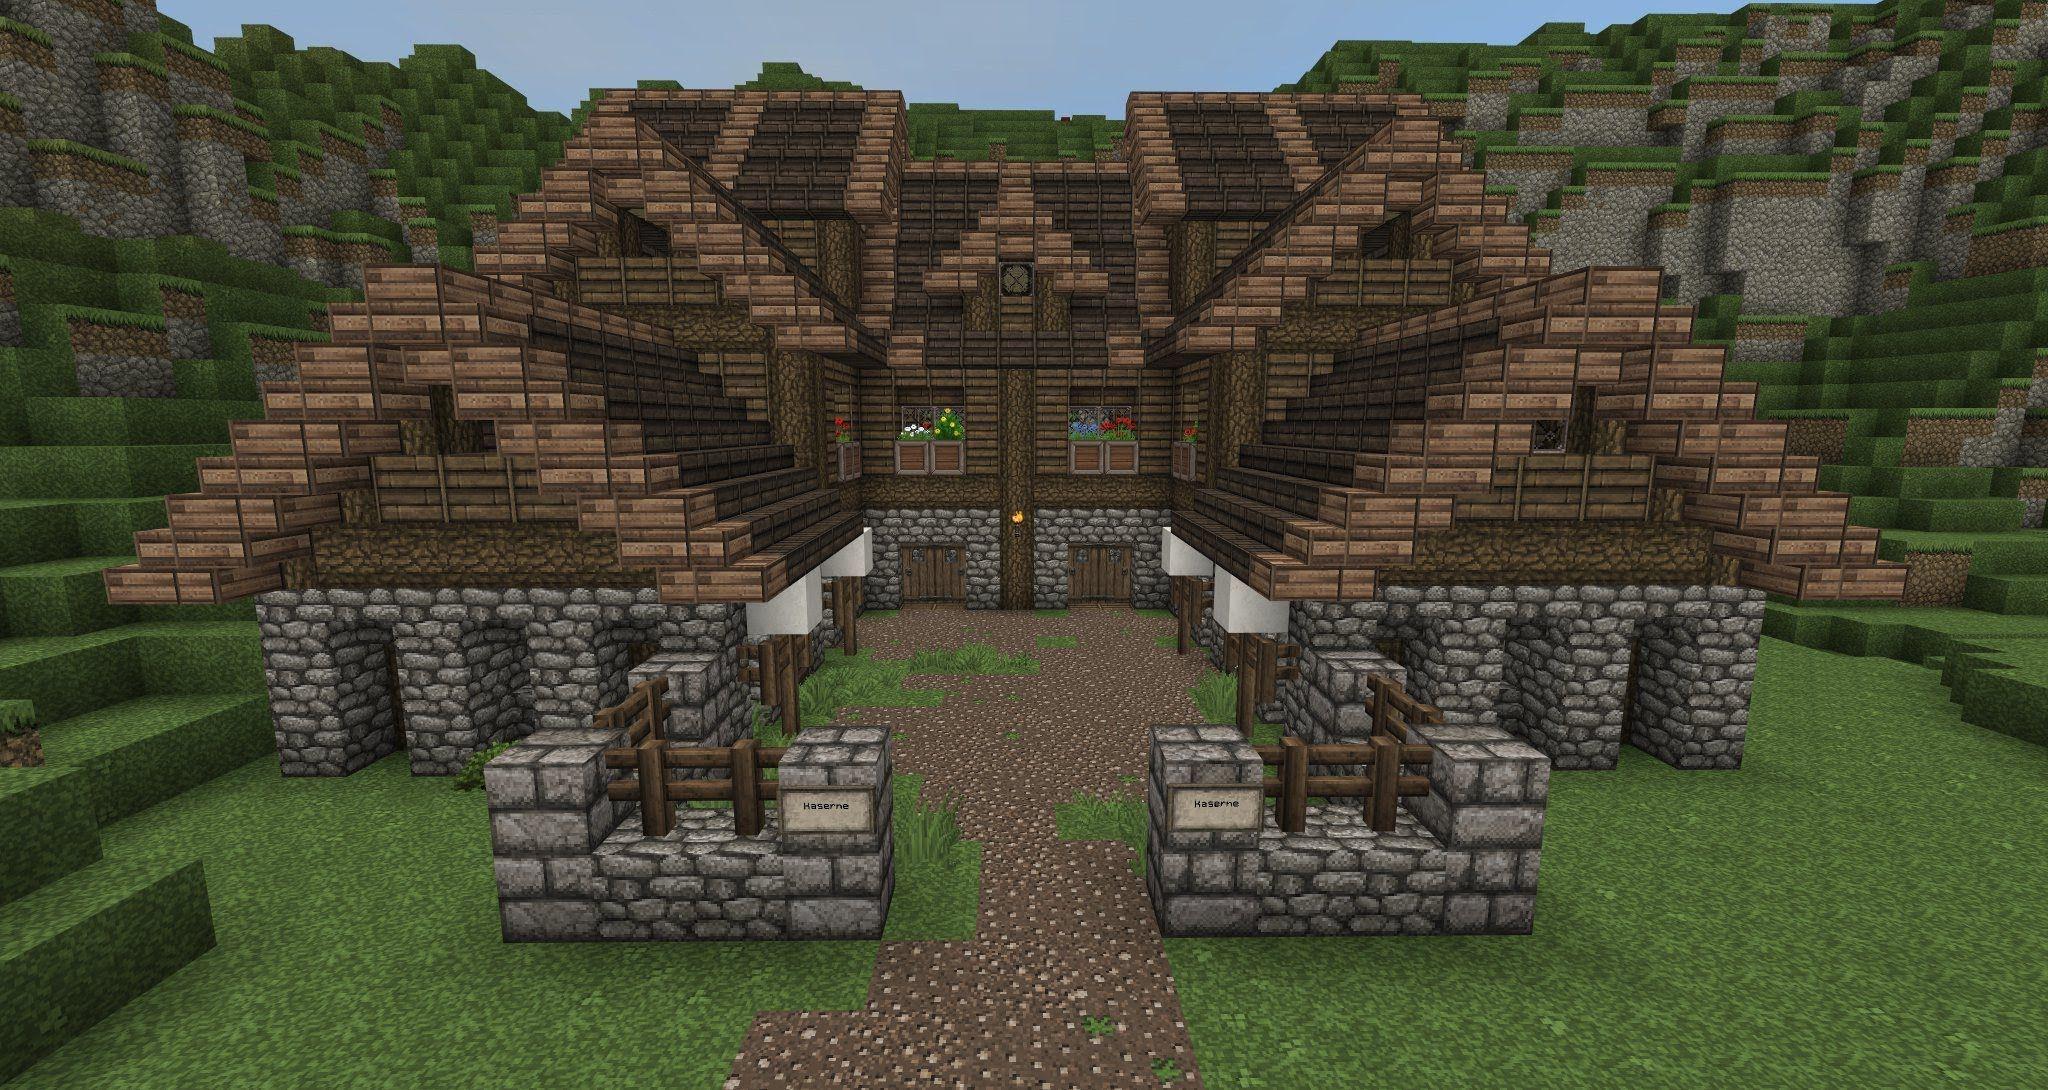 Minecraft Gundahar Tutorials Me val Barracks